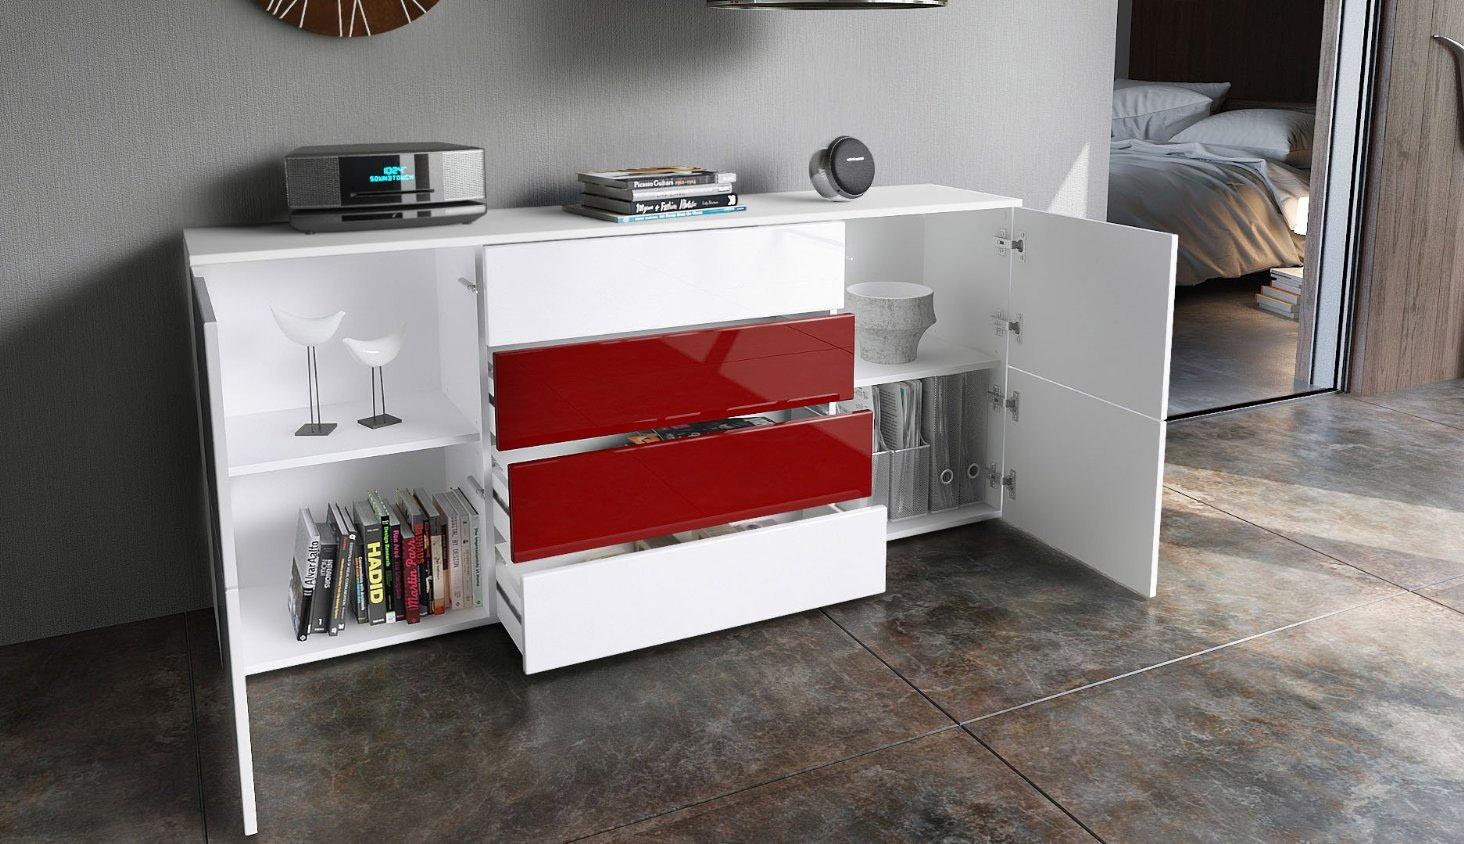 Credenza Cucina Con Cassetti : Dama moderna credenza con 4 cassetti mobile madia cassettiera